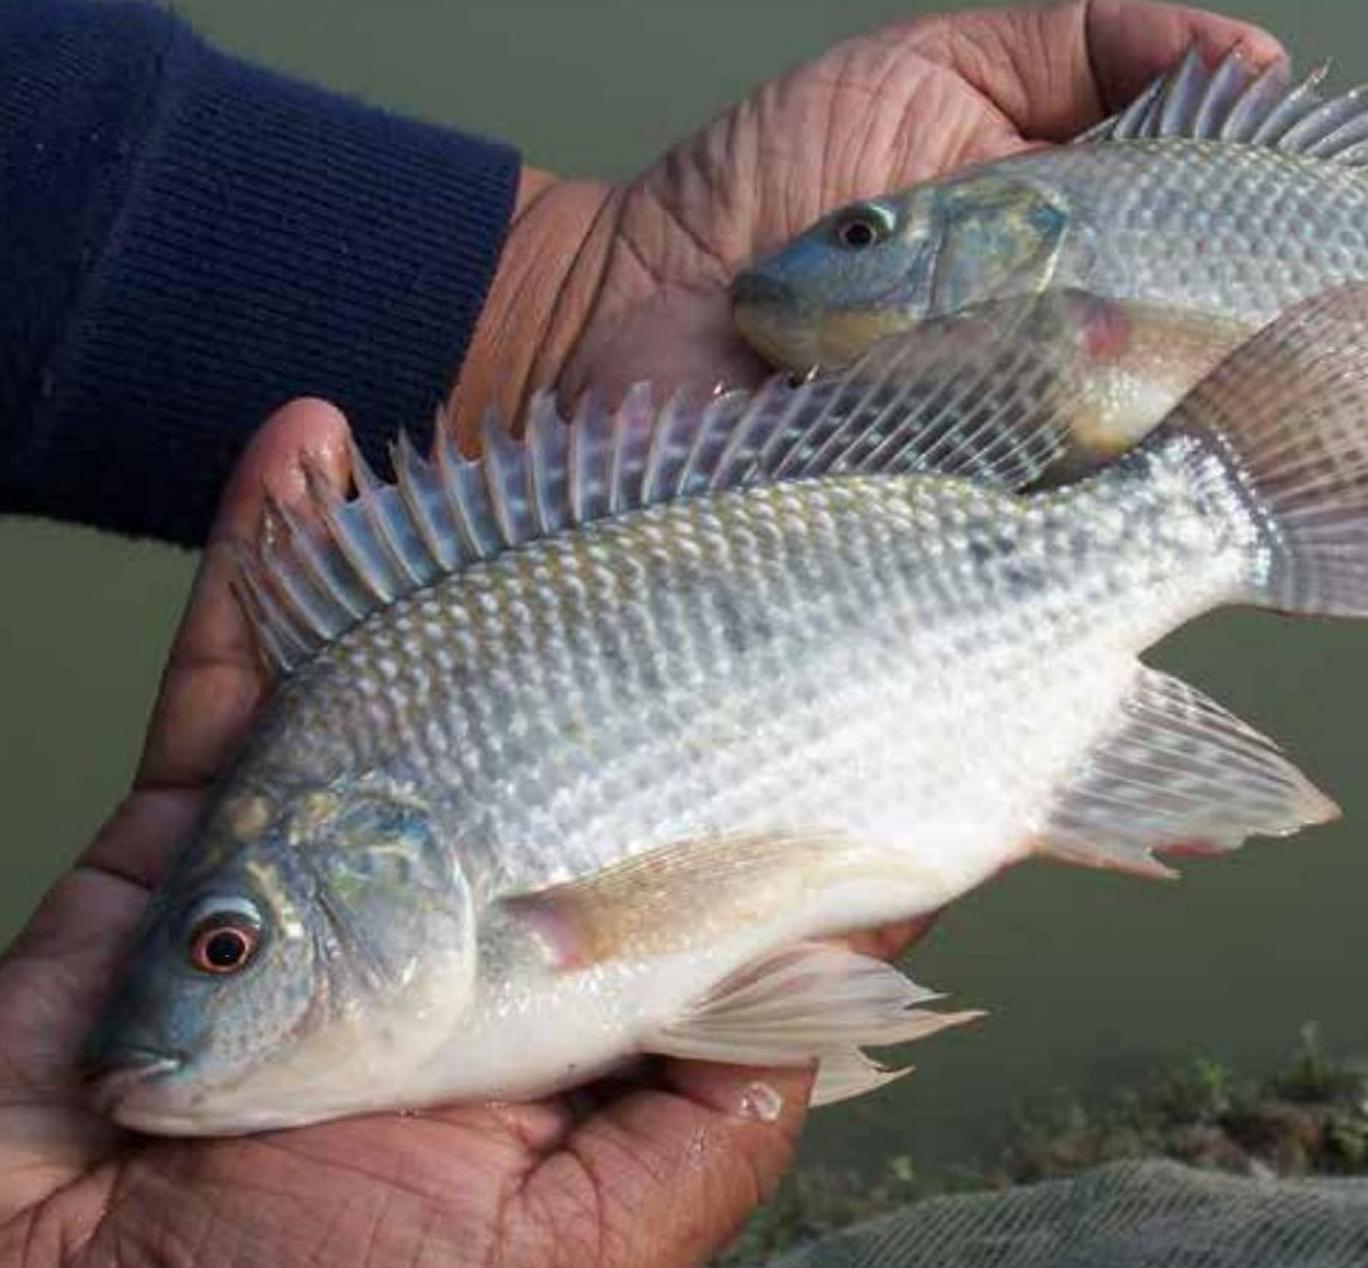 Donare un pesce? No, meglio imparare ad allevarli